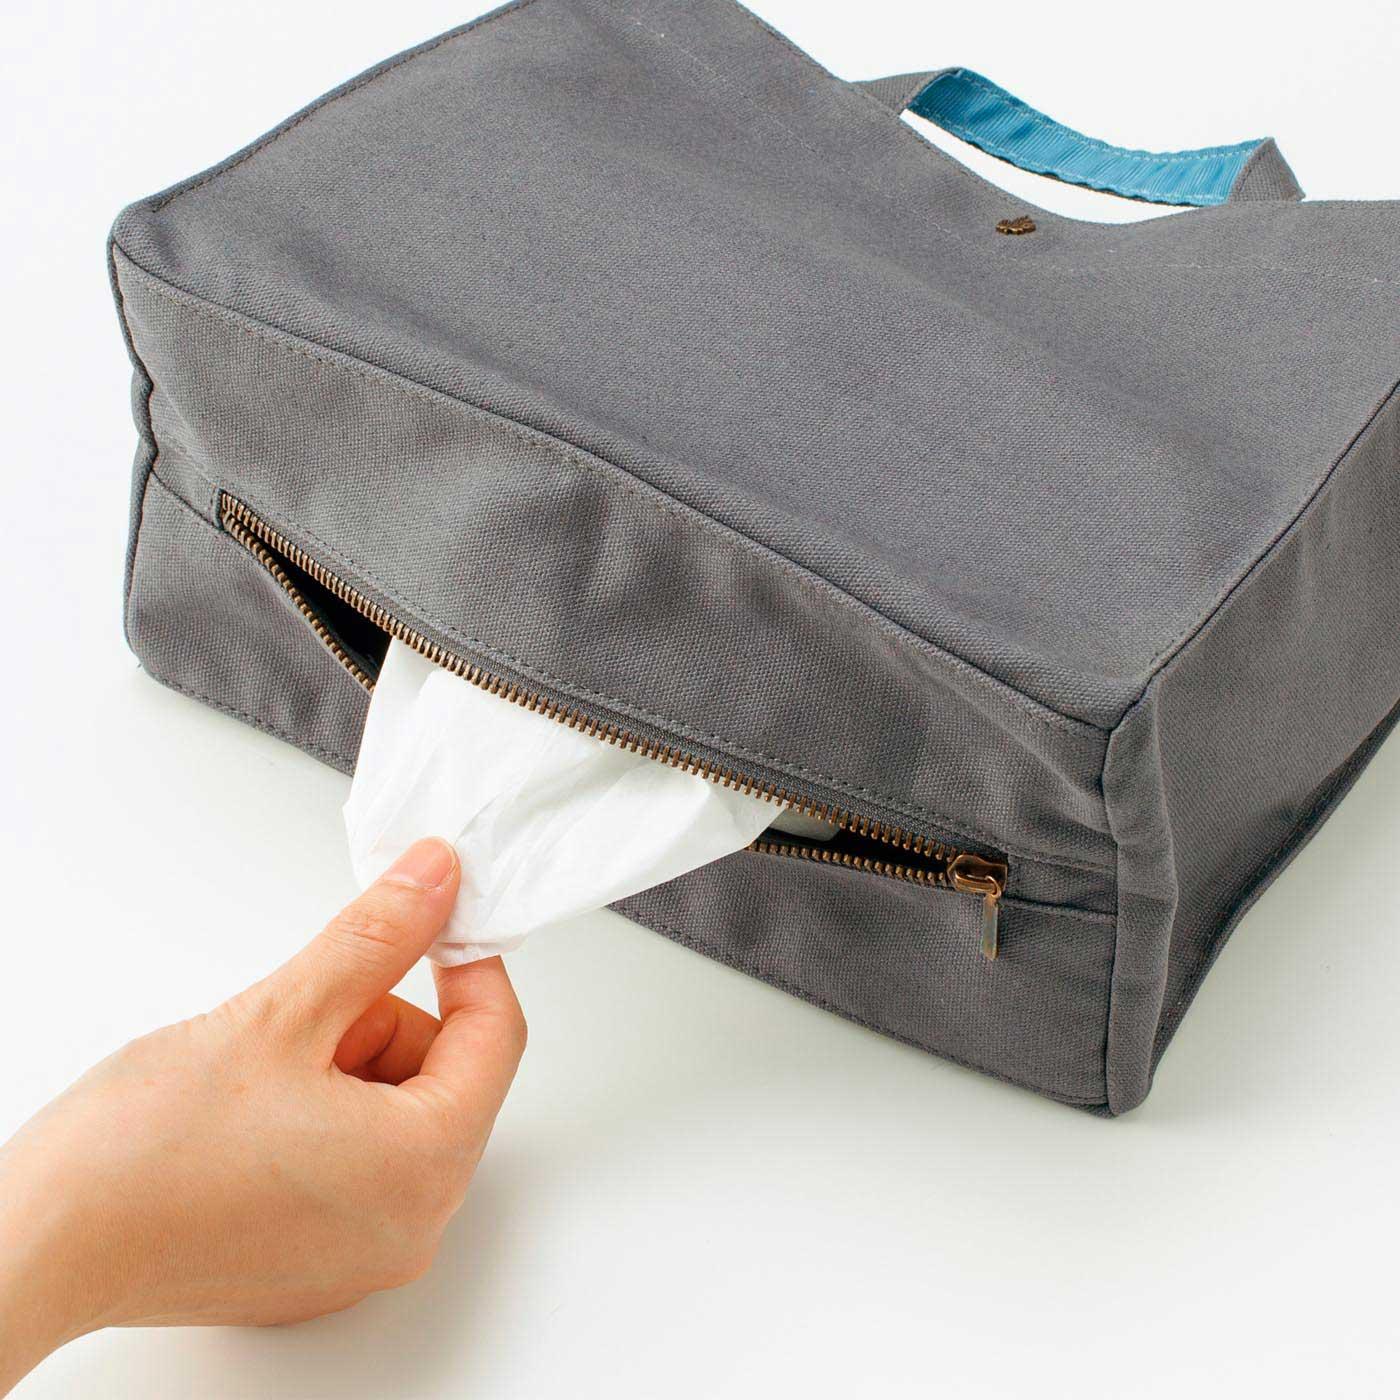 底からティッシュをサッと取り出せます。口の開きはファスナーで調節可能。予備のティッシュボックスも入れられます。